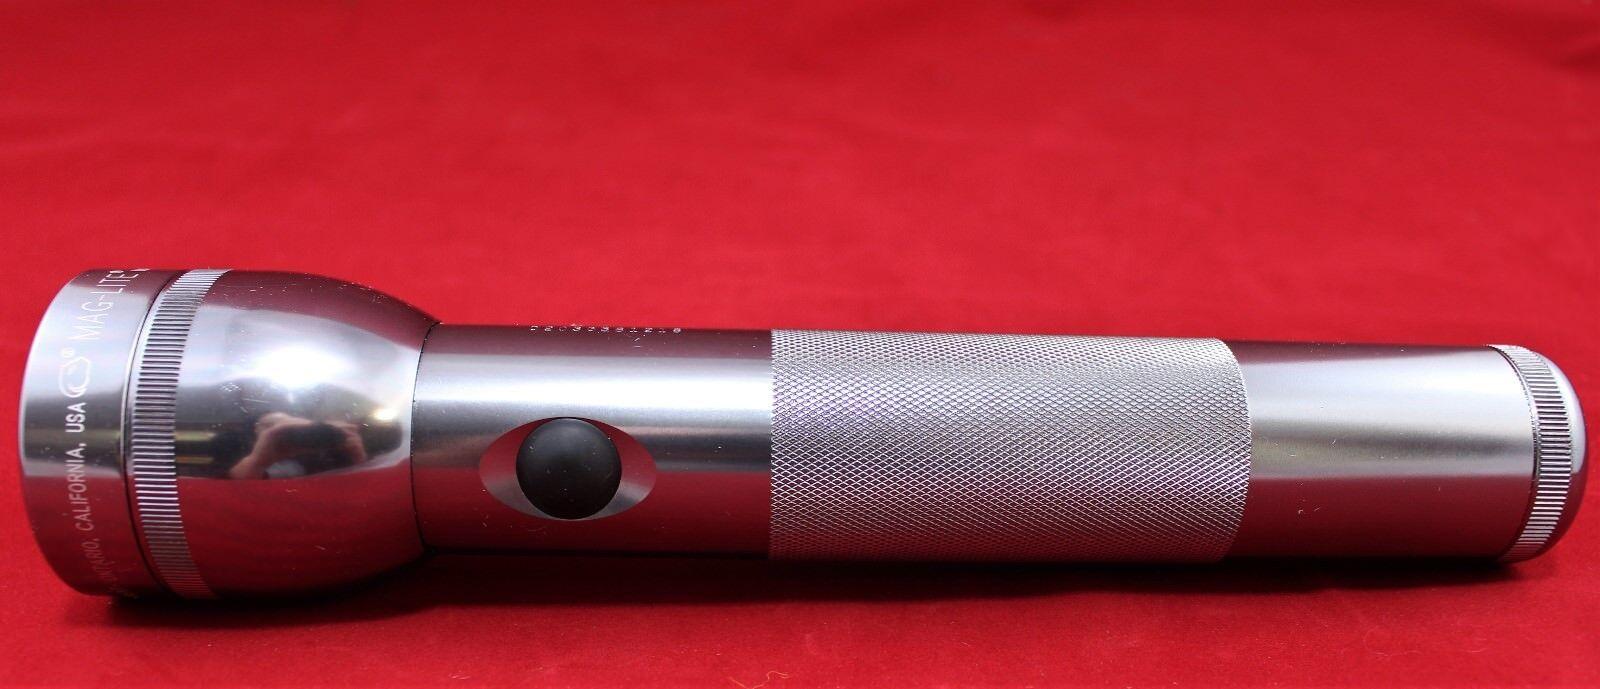 Mag-Lite Taschenlampe Stabtaschenlampe MagLite USA D2030581218 - wie NEU  | Elegante und robuste Verpackung